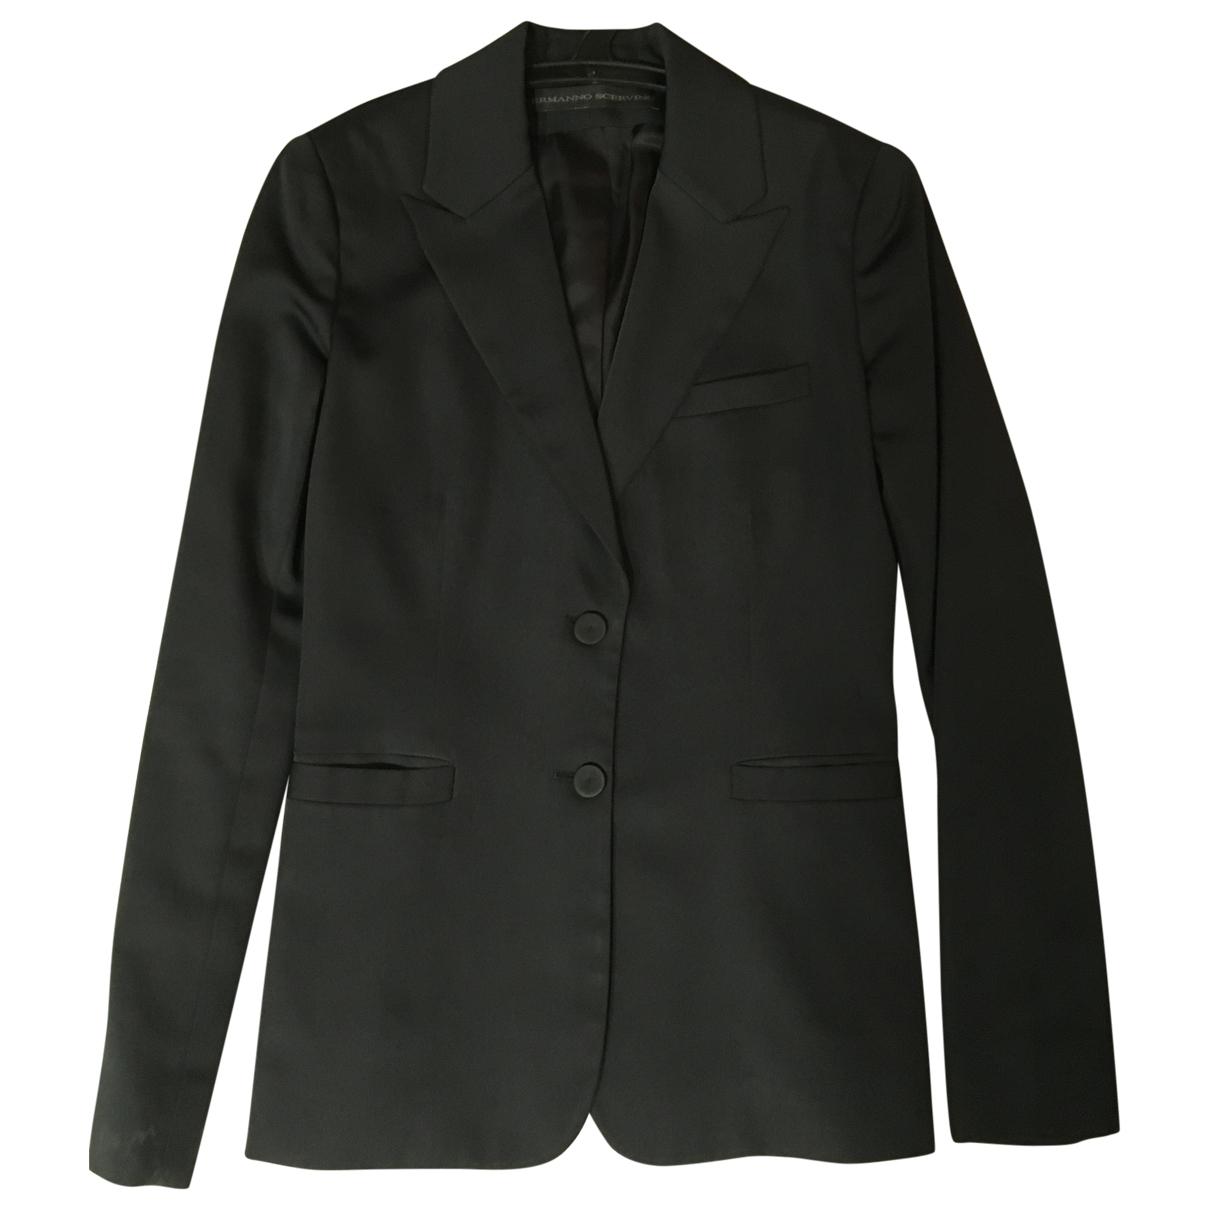 Ermanno Scervino \N Black jacket for Women 38 IT